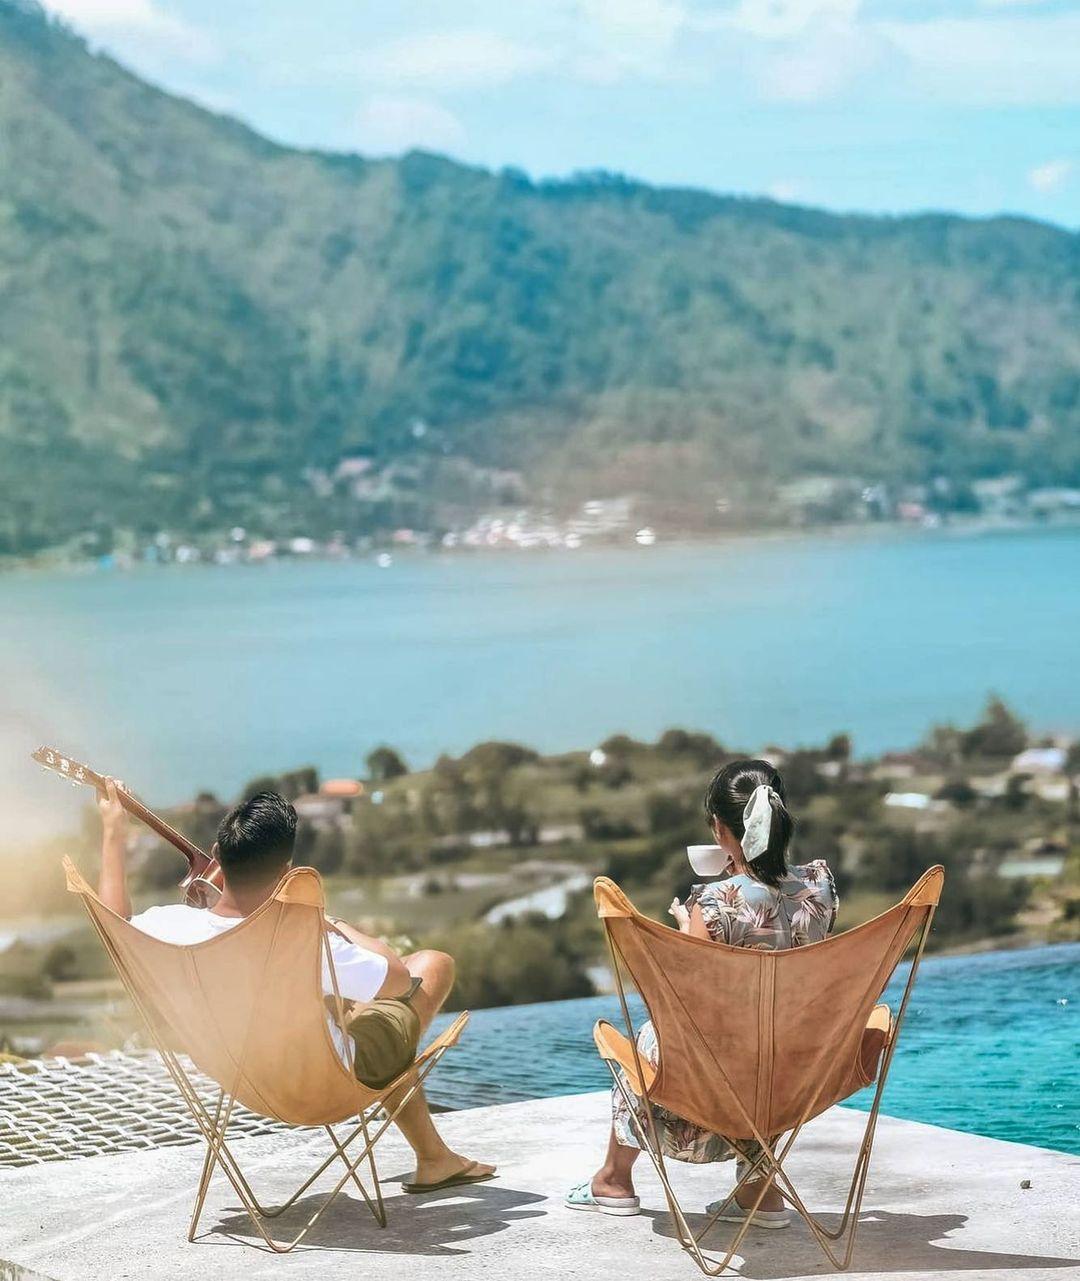 Menikmati Pemandangan Dari Sunrise Hill Camp Bali Image From @adrian Pardede